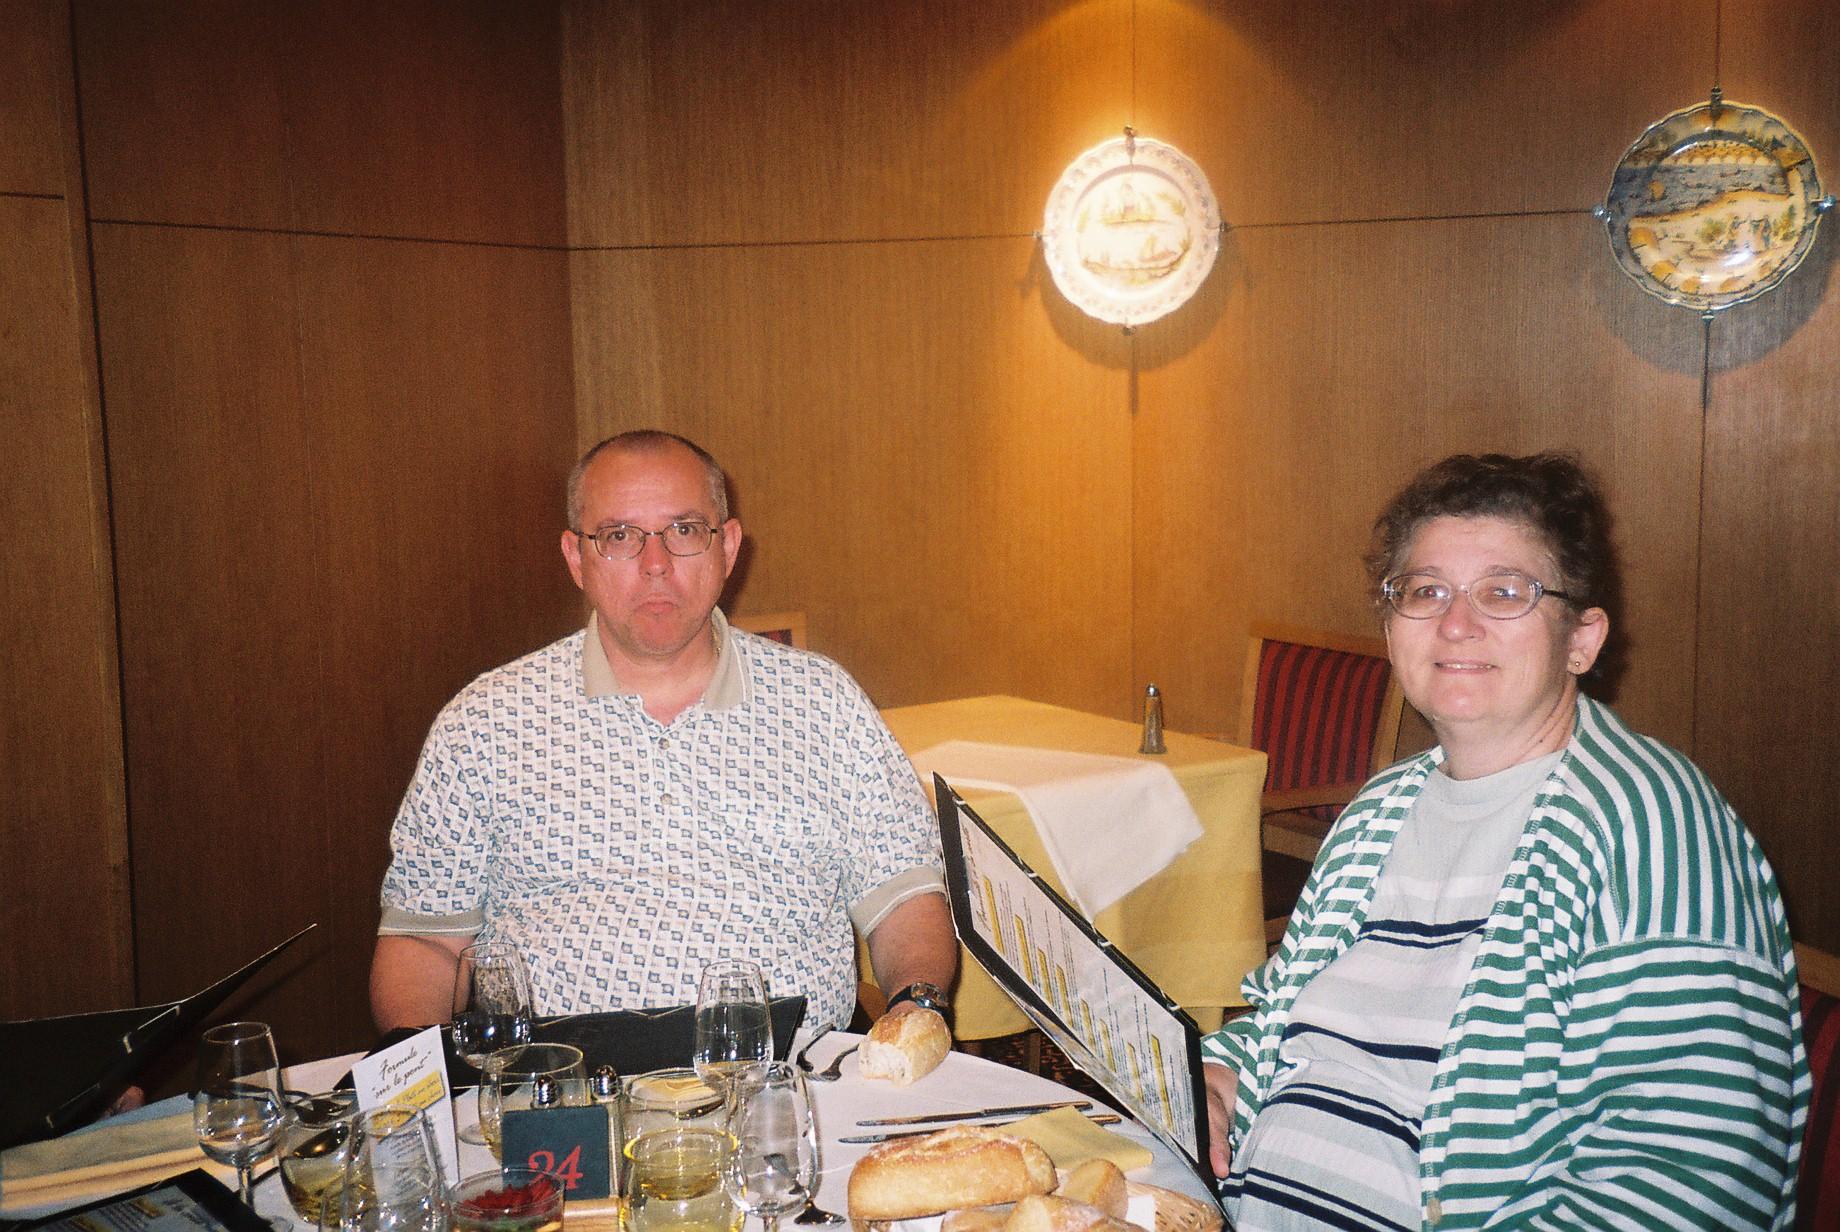 Orleans mercure centre hotel le chaland resto PF et MF aug07